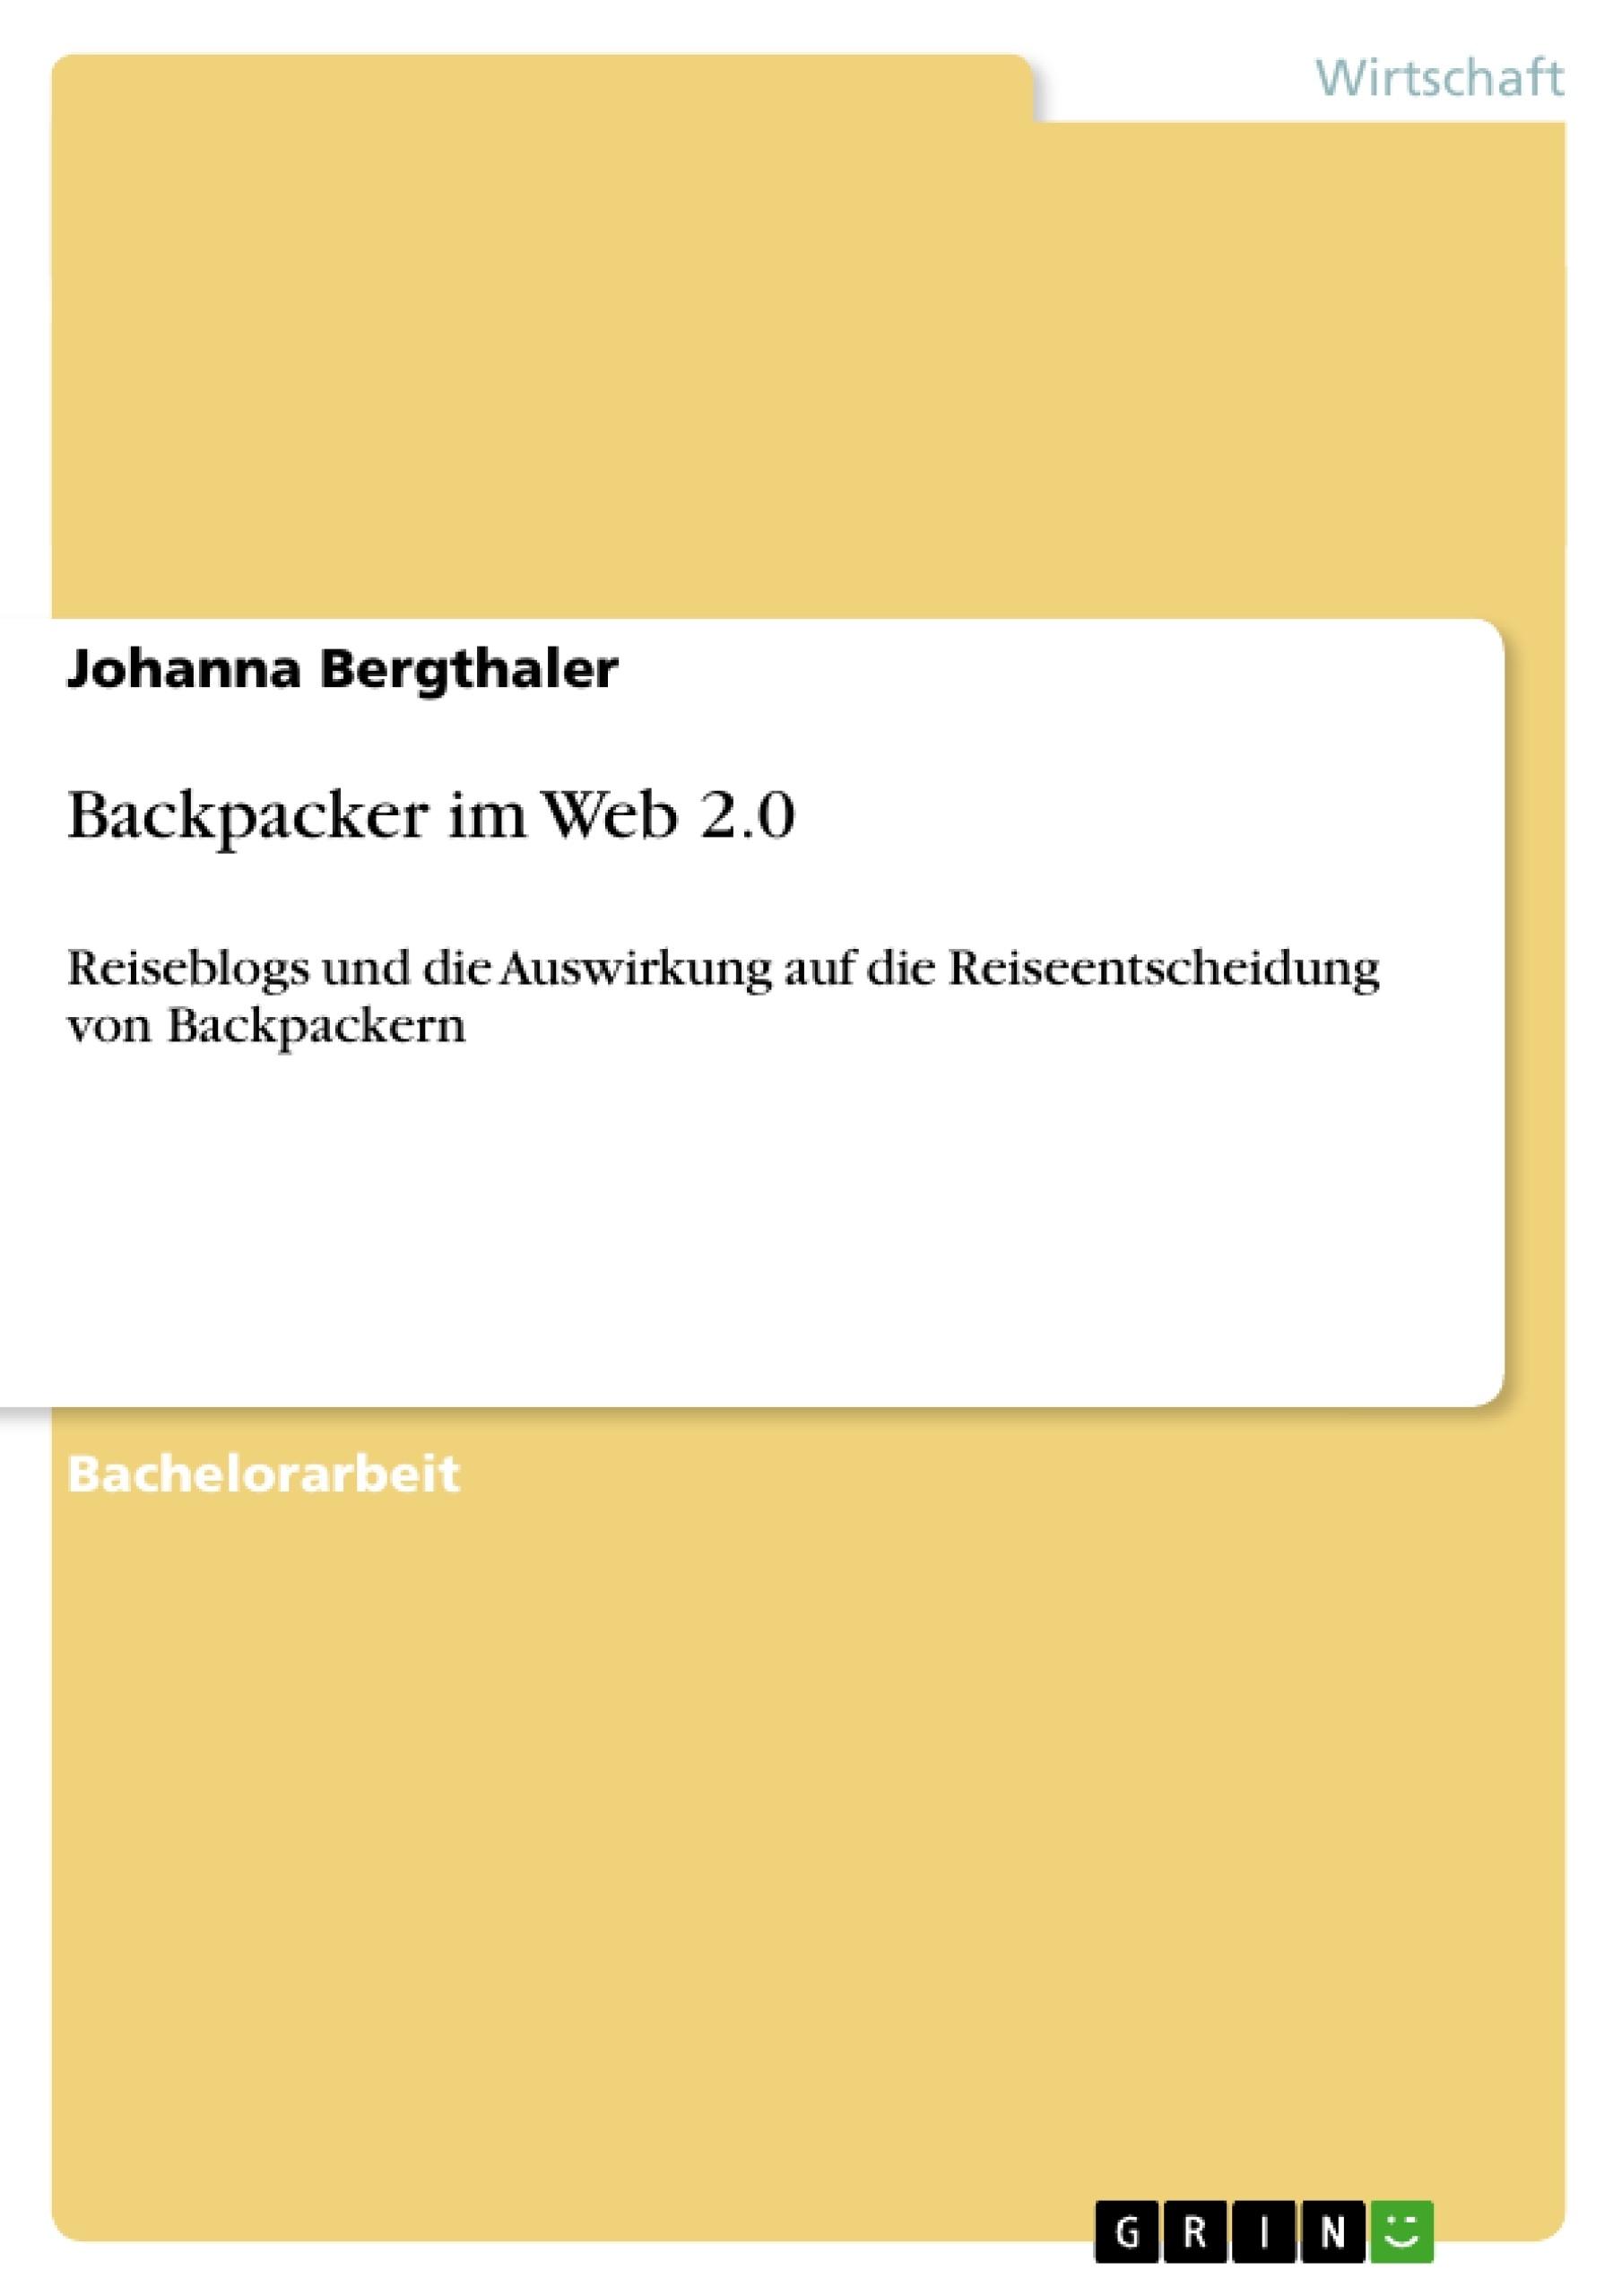 Titel: Backpacker im Web 2.0